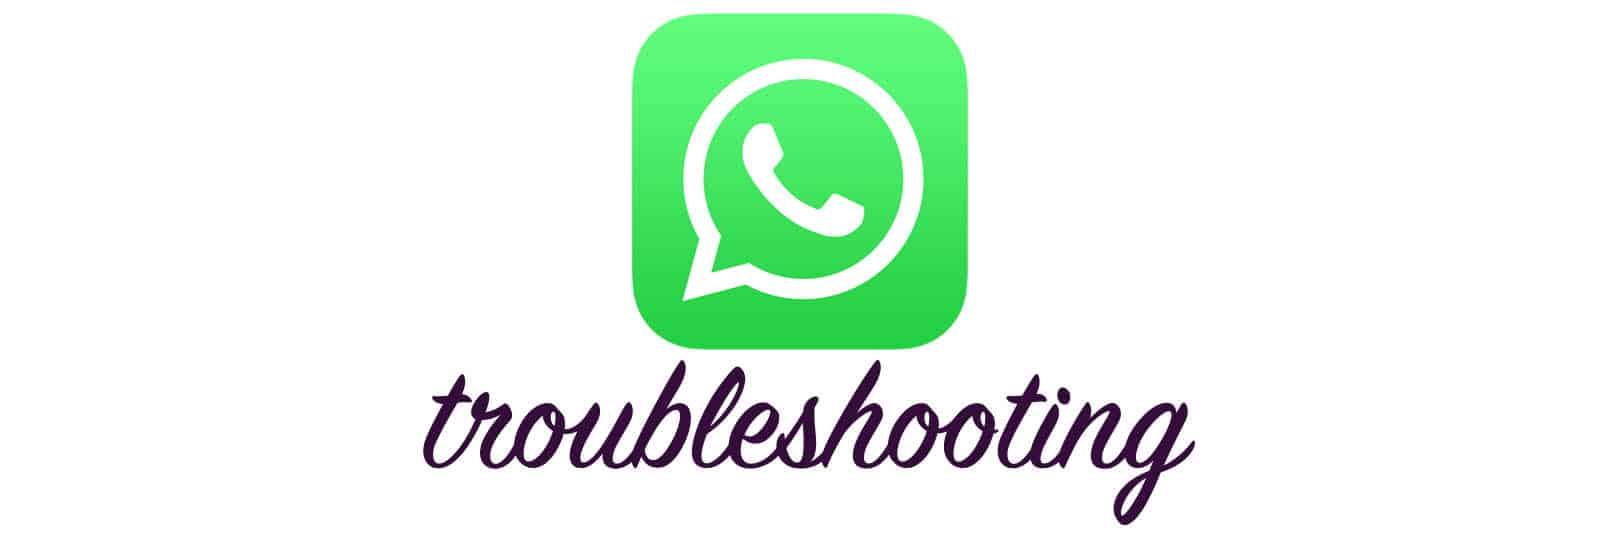 whatsapp-troubleshooting